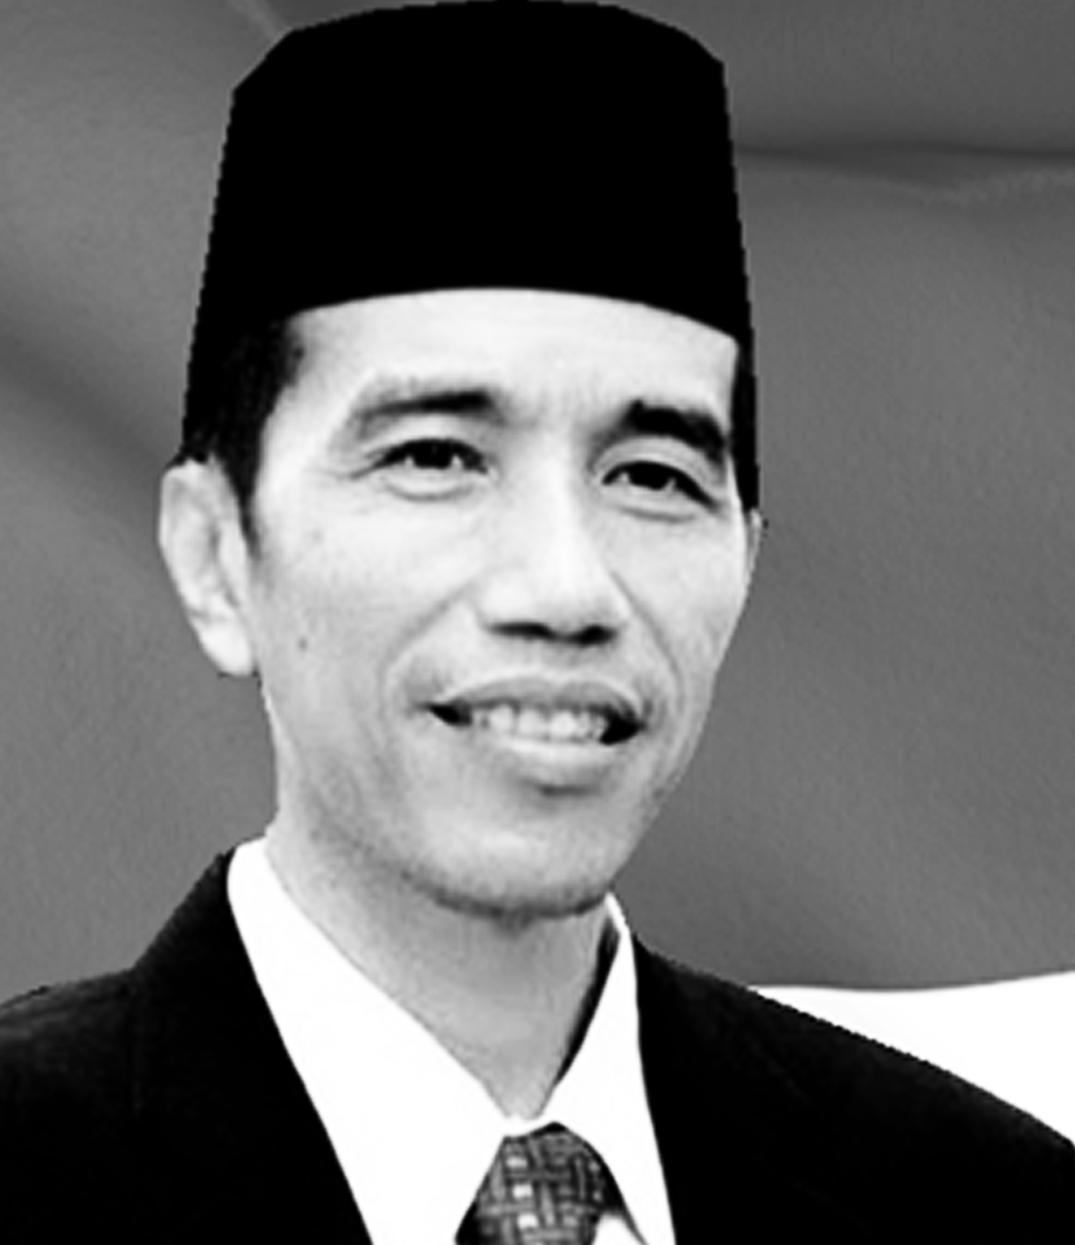 Presiden Ir Joko Widodo hitam putih